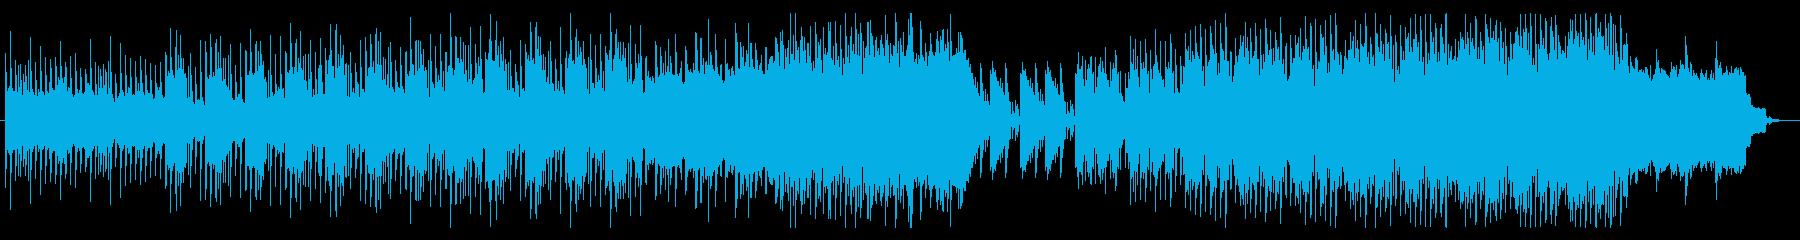 奇妙な実験? サイエンス・実験音楽の再生済みの波形